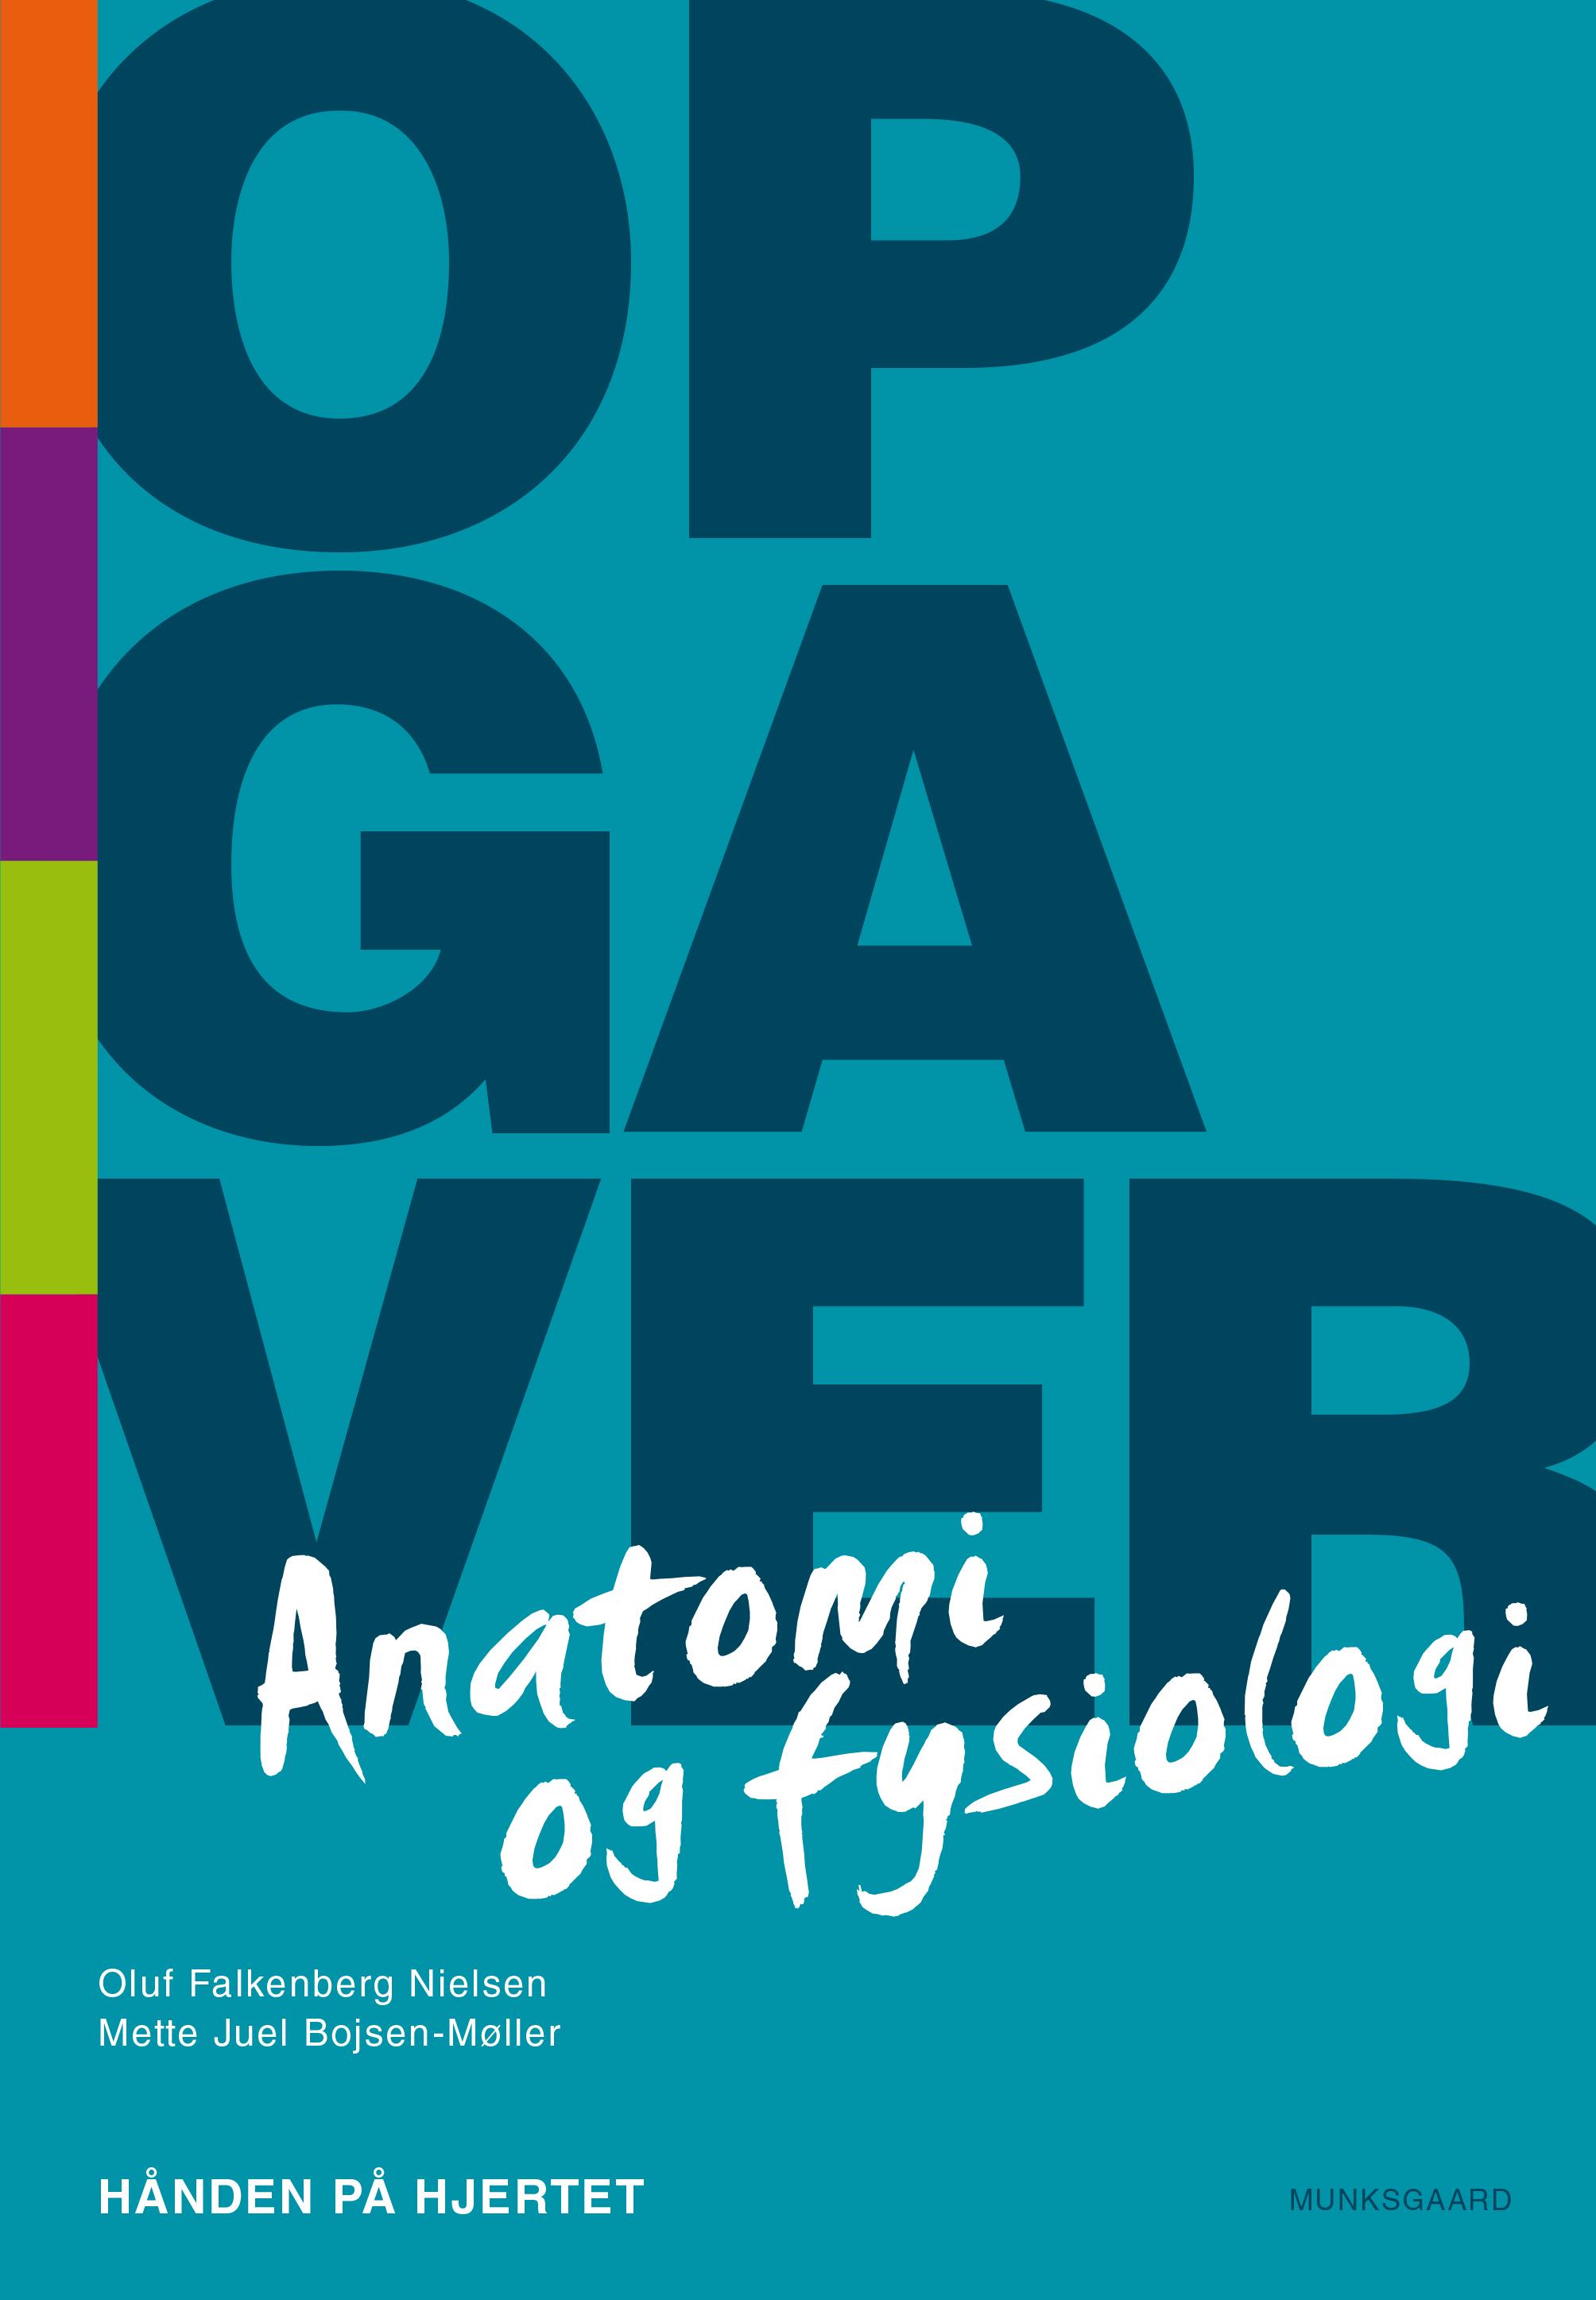 anatomi og fysiologi opgaver